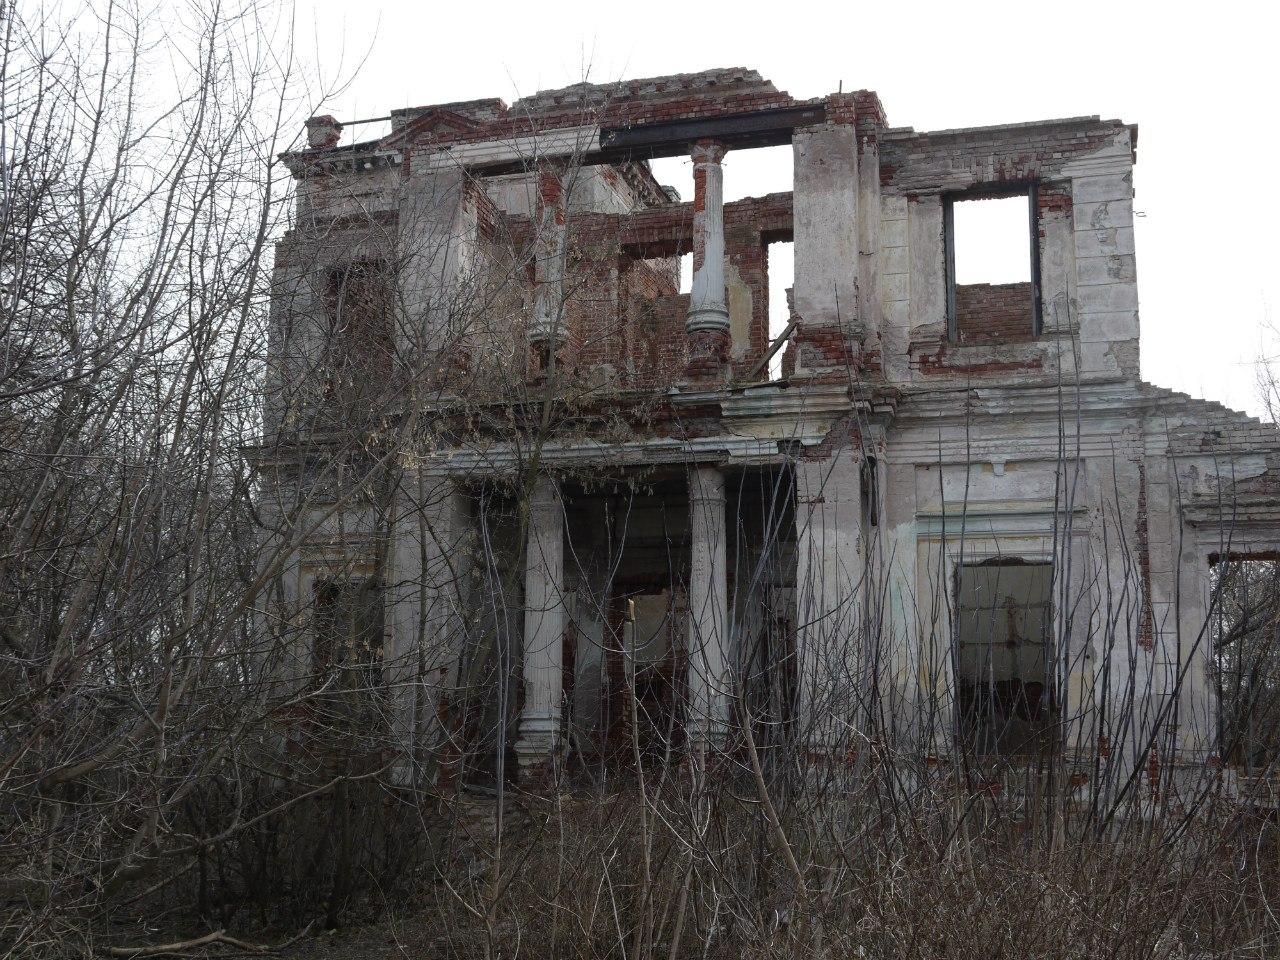 Усадьба Никитинских в селе Костино Рыбновского района Рязанской области. Весна, май 2014 года